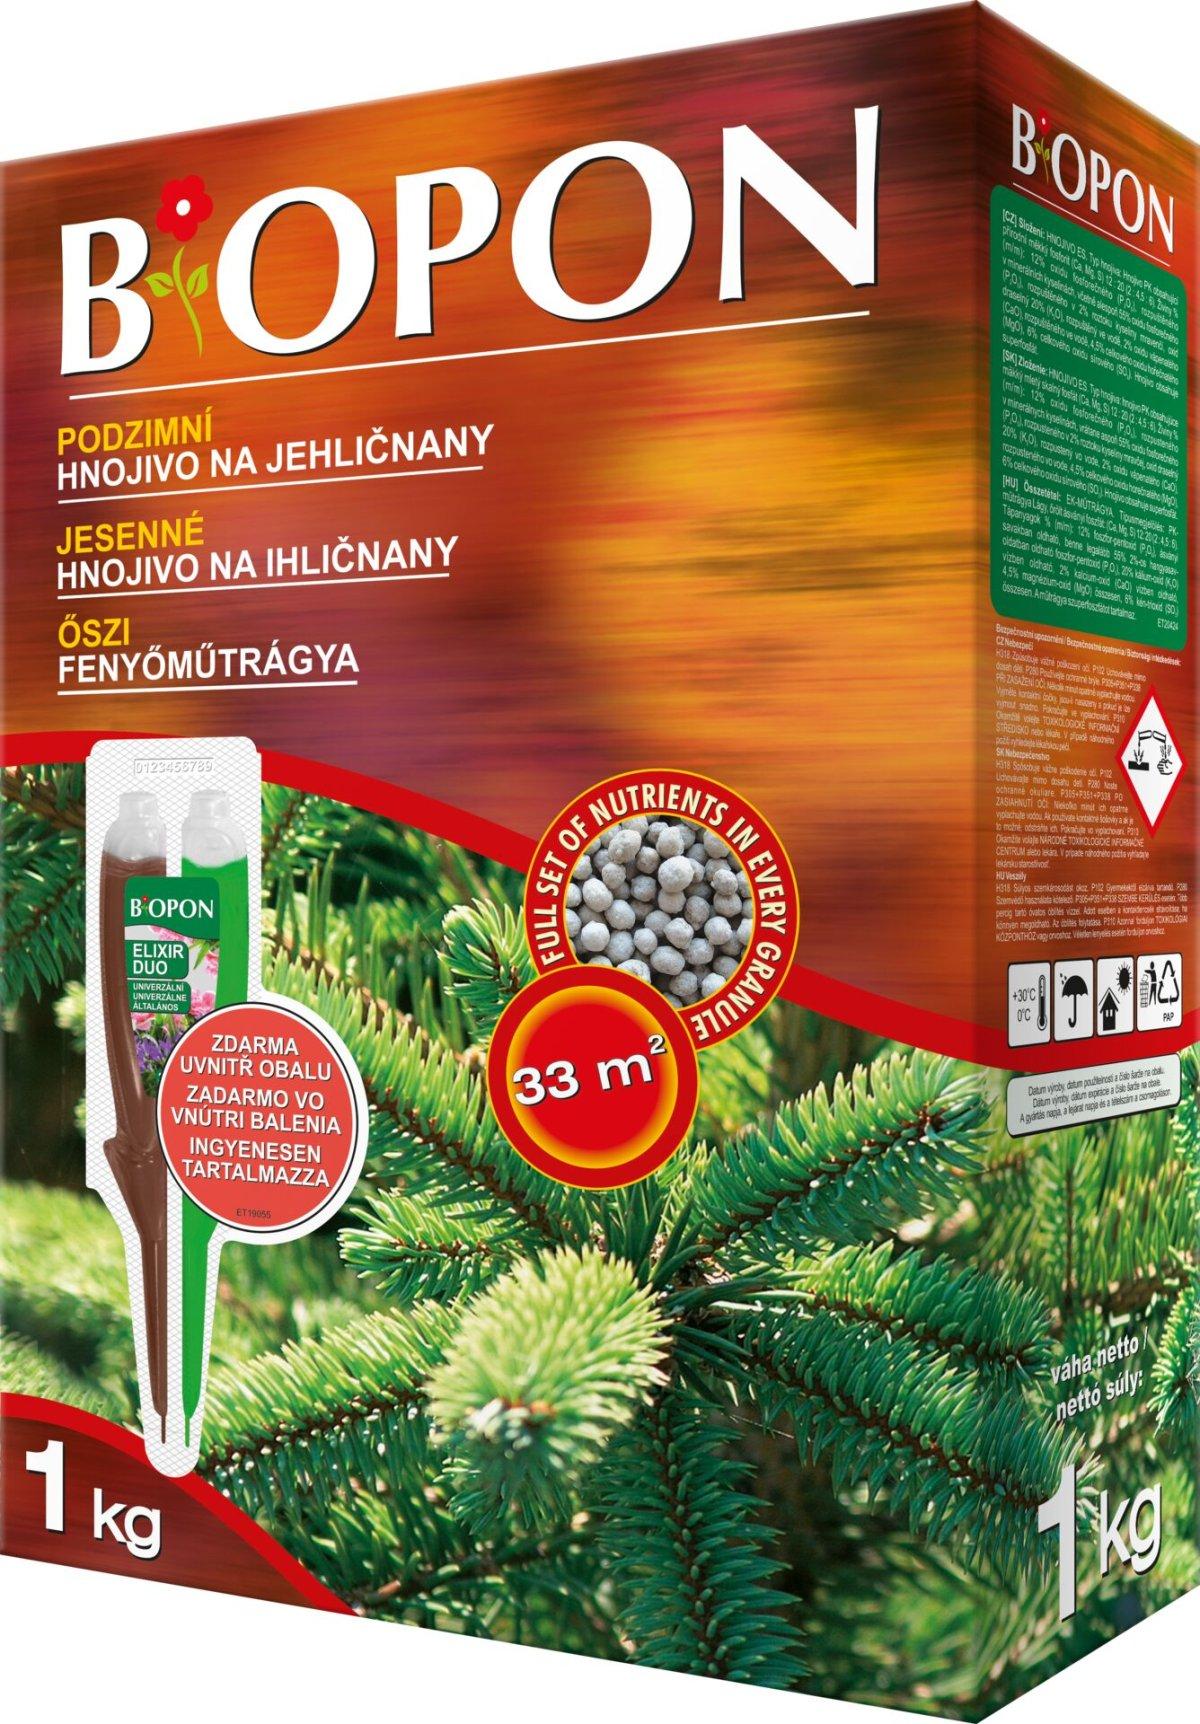 Hnojivo BOPON podzimní na jehličnany 1kg